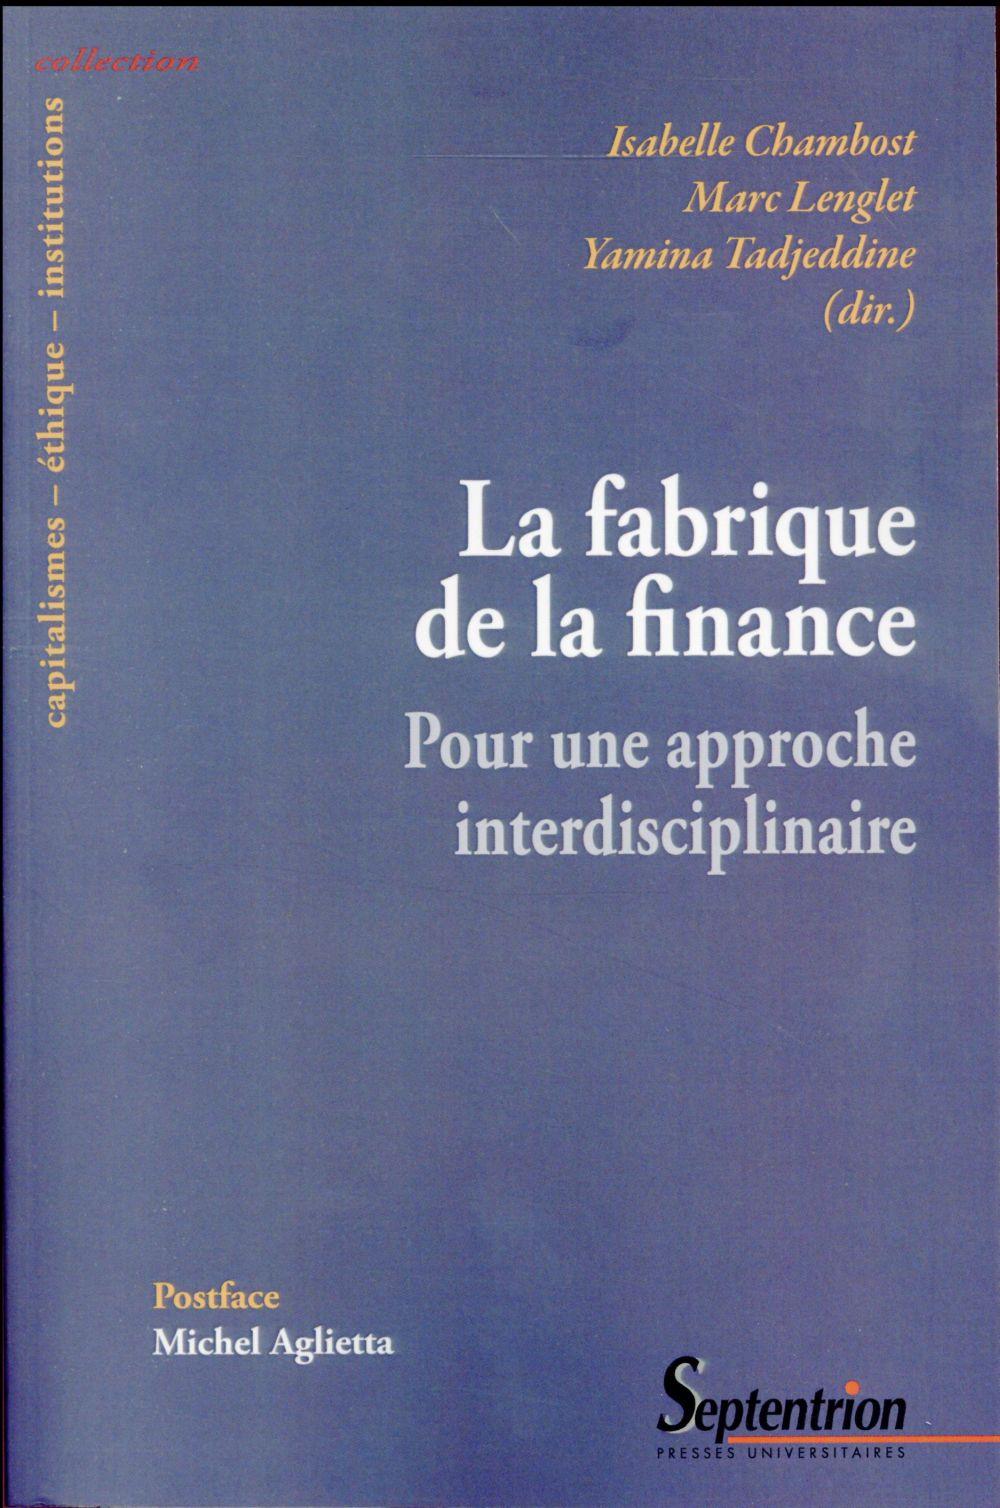 La fabrique de la finance pour une approche interdisciplinaire